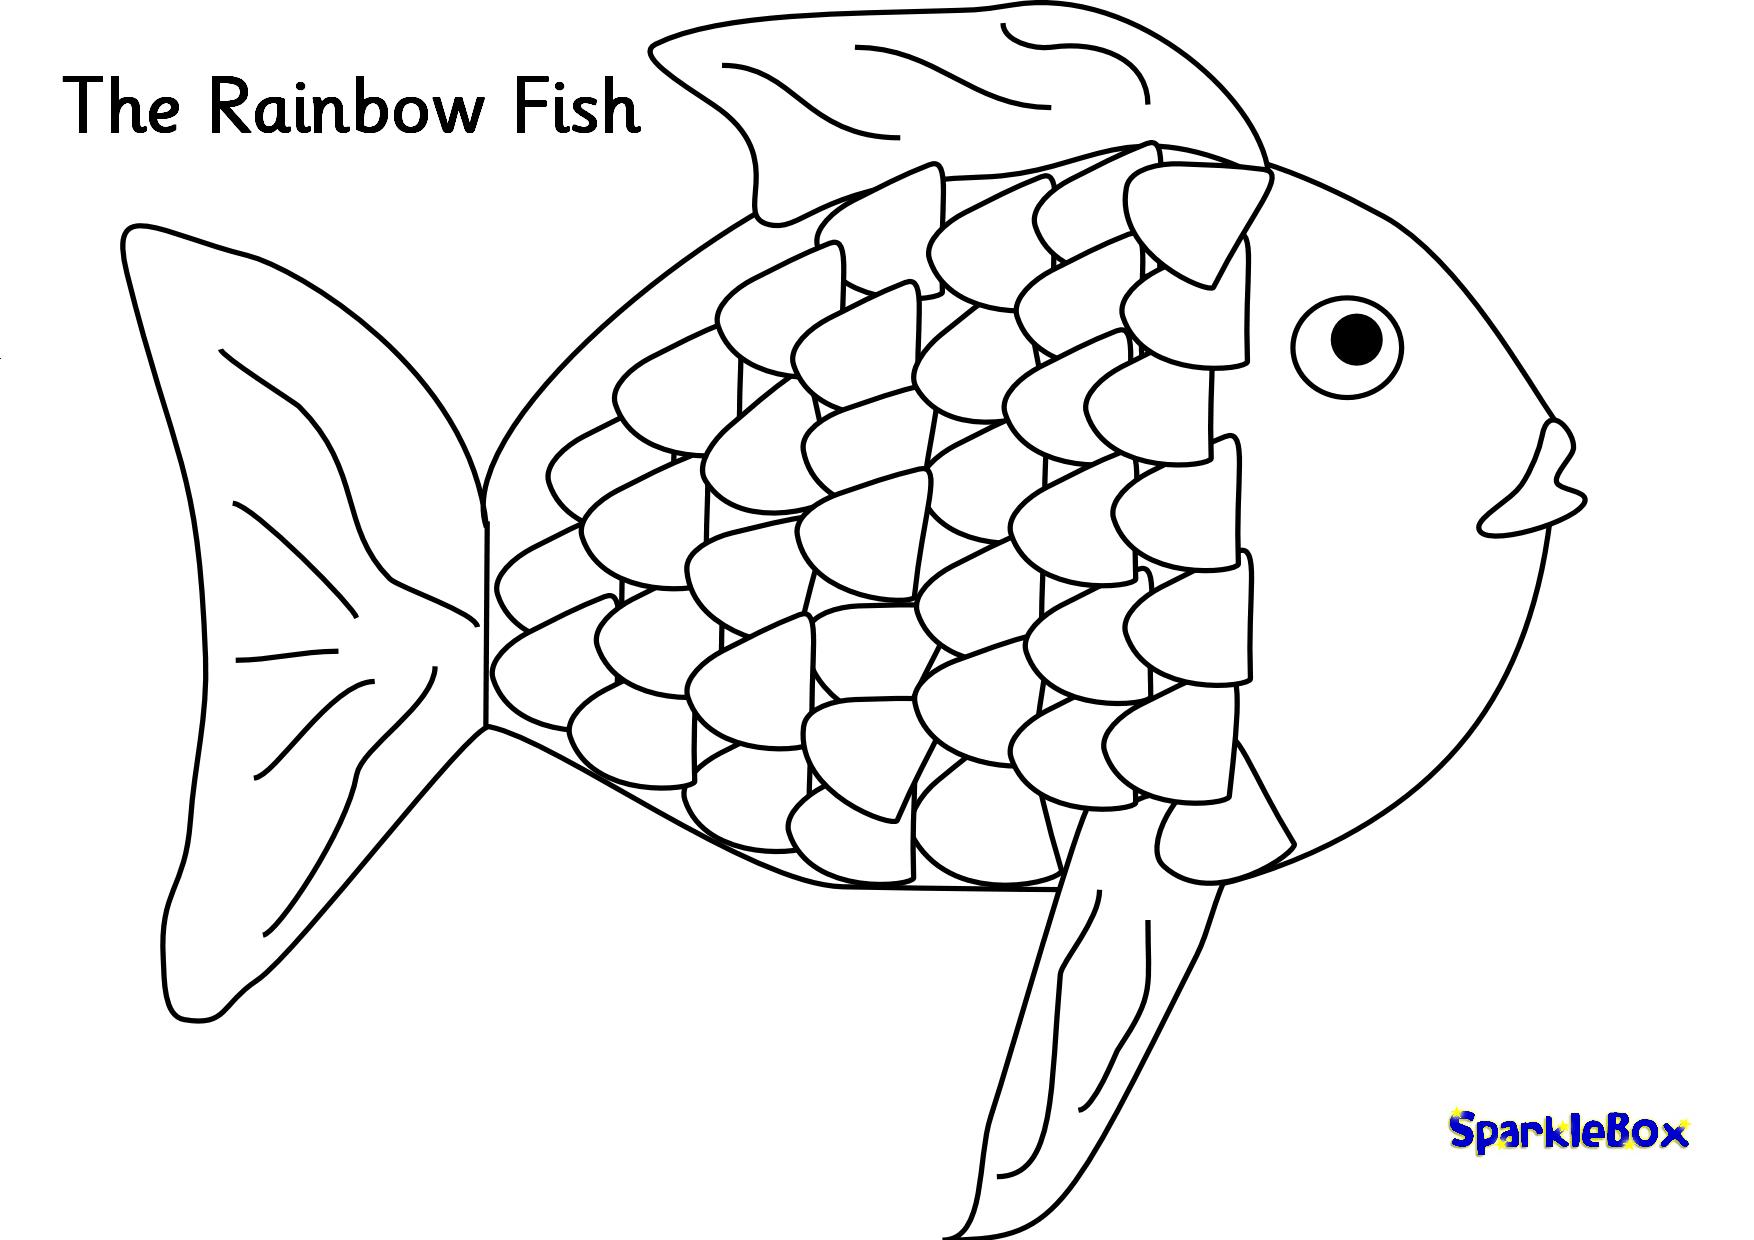 regenbogenfisch ausmalbild kostenlos  kinder ausmalbilder